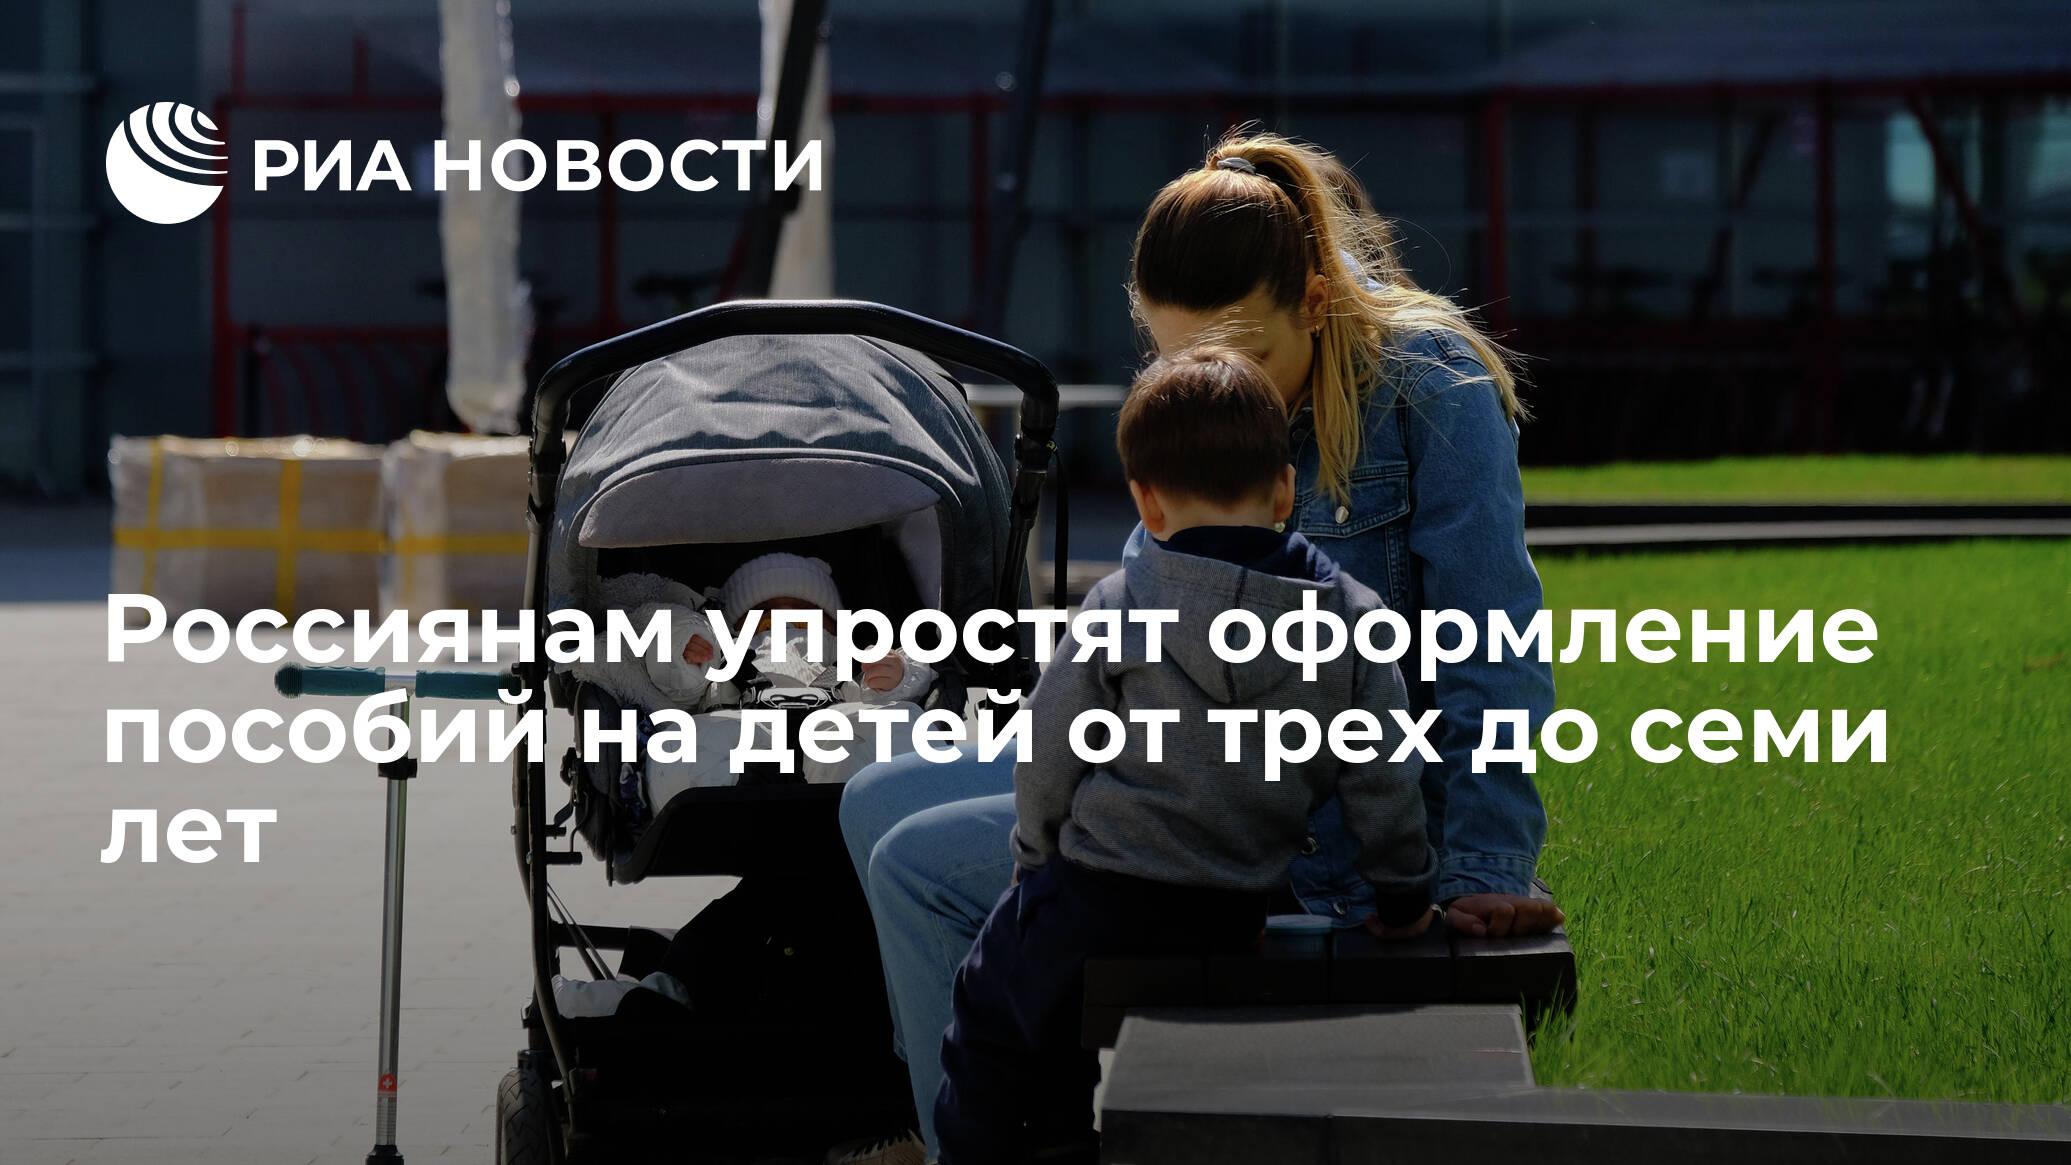 Россиянам упростят оформление пособий на детей от трех до семи лет